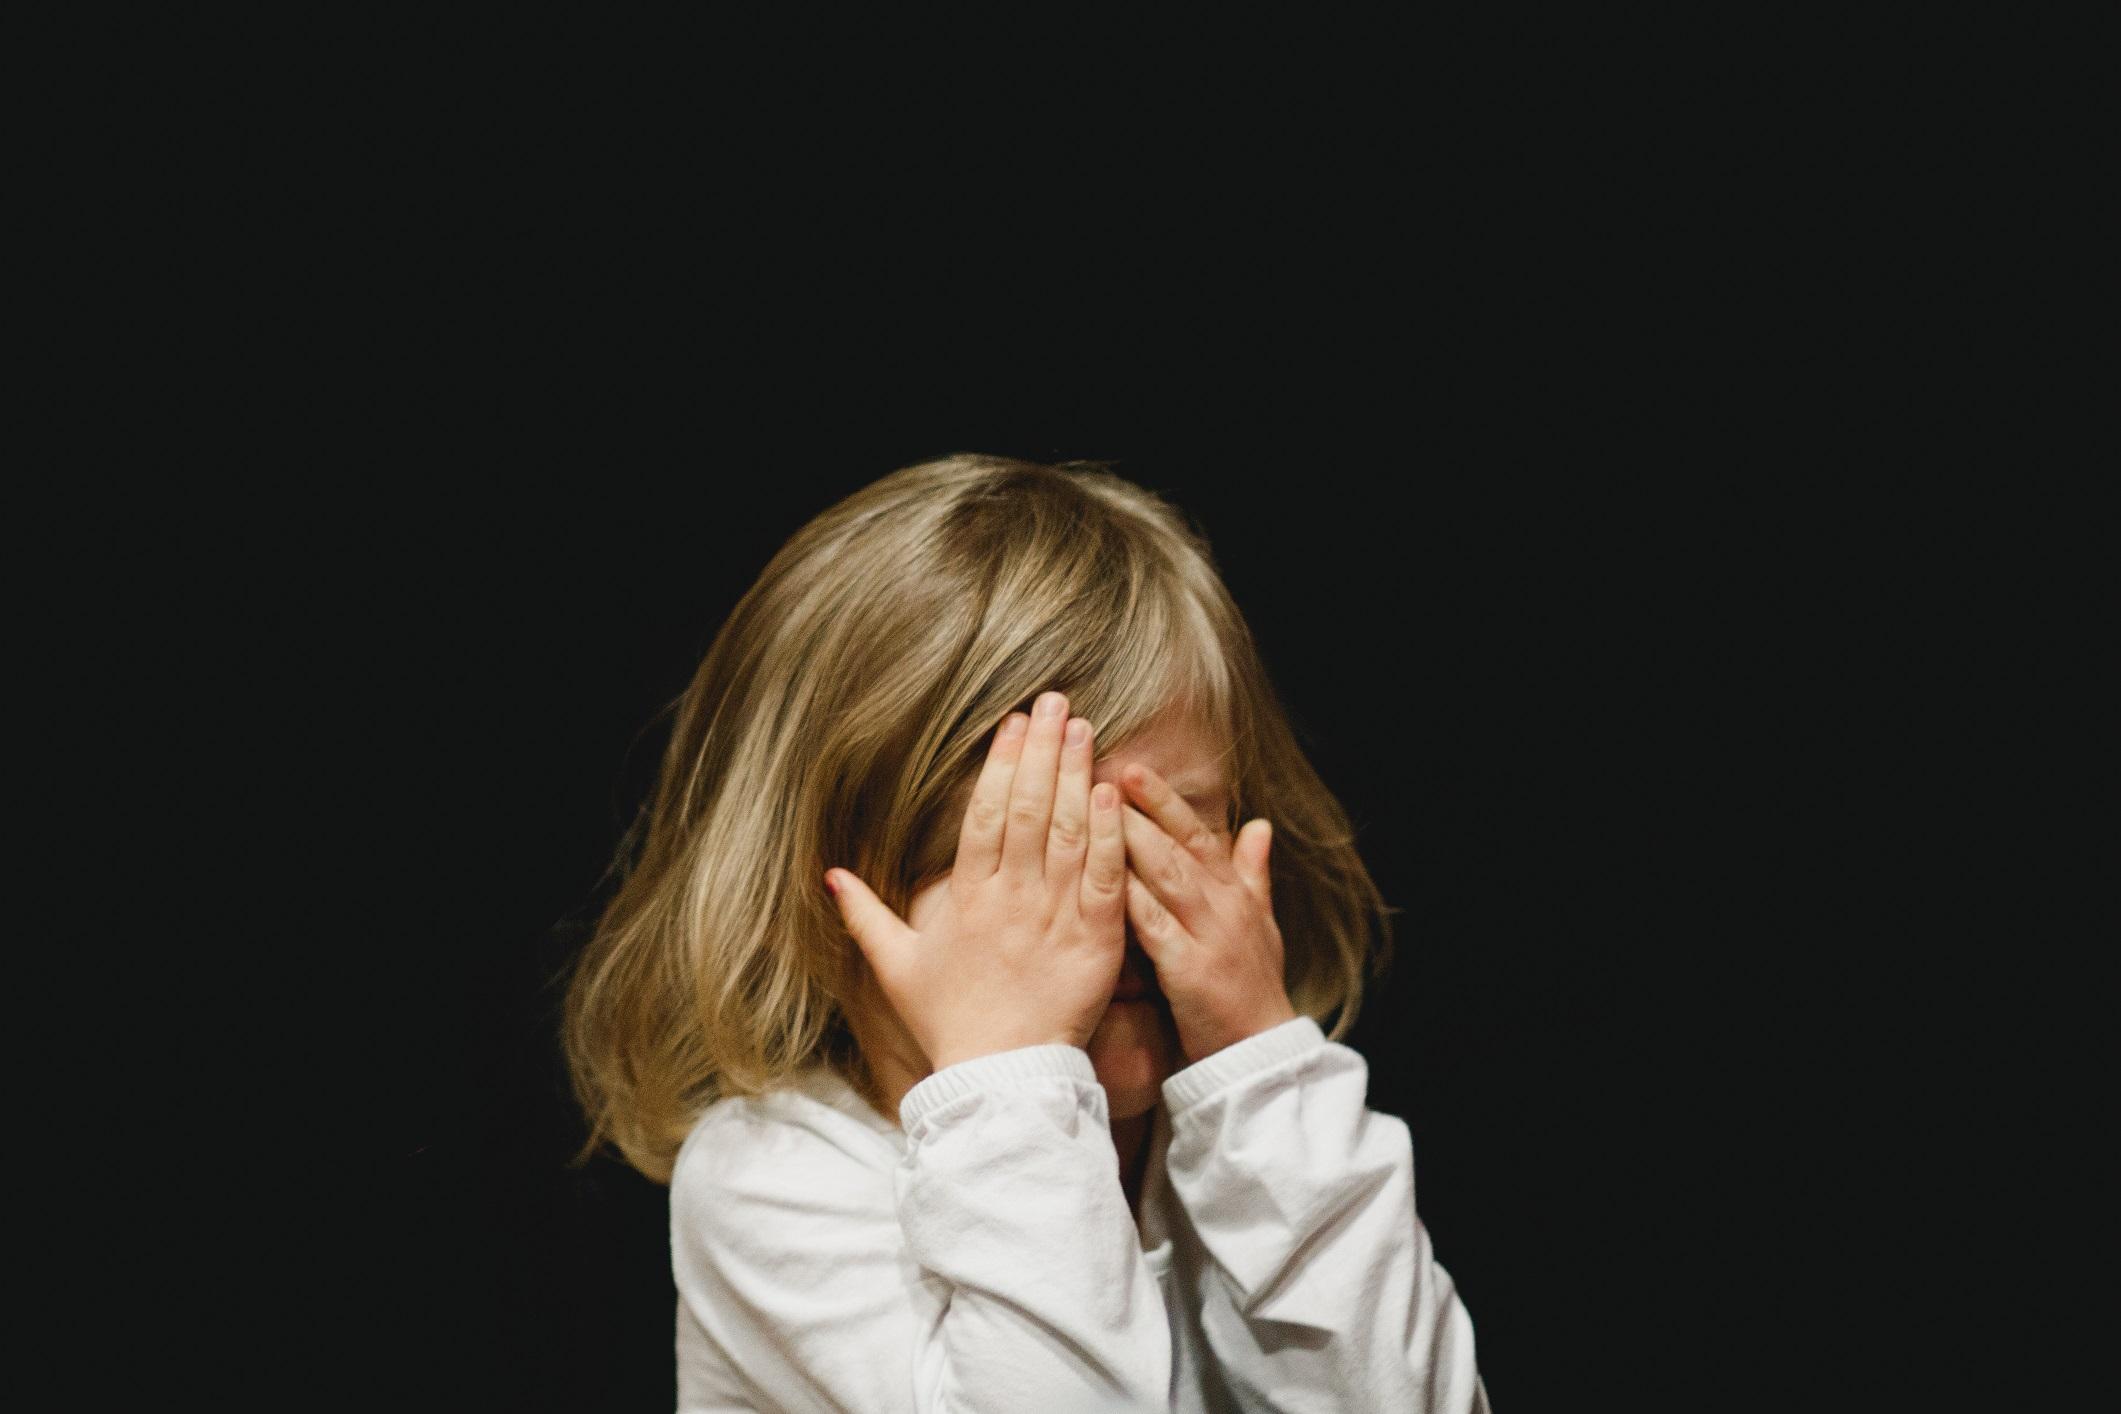 Scream Monster Mode On – Toddler Tantrum!